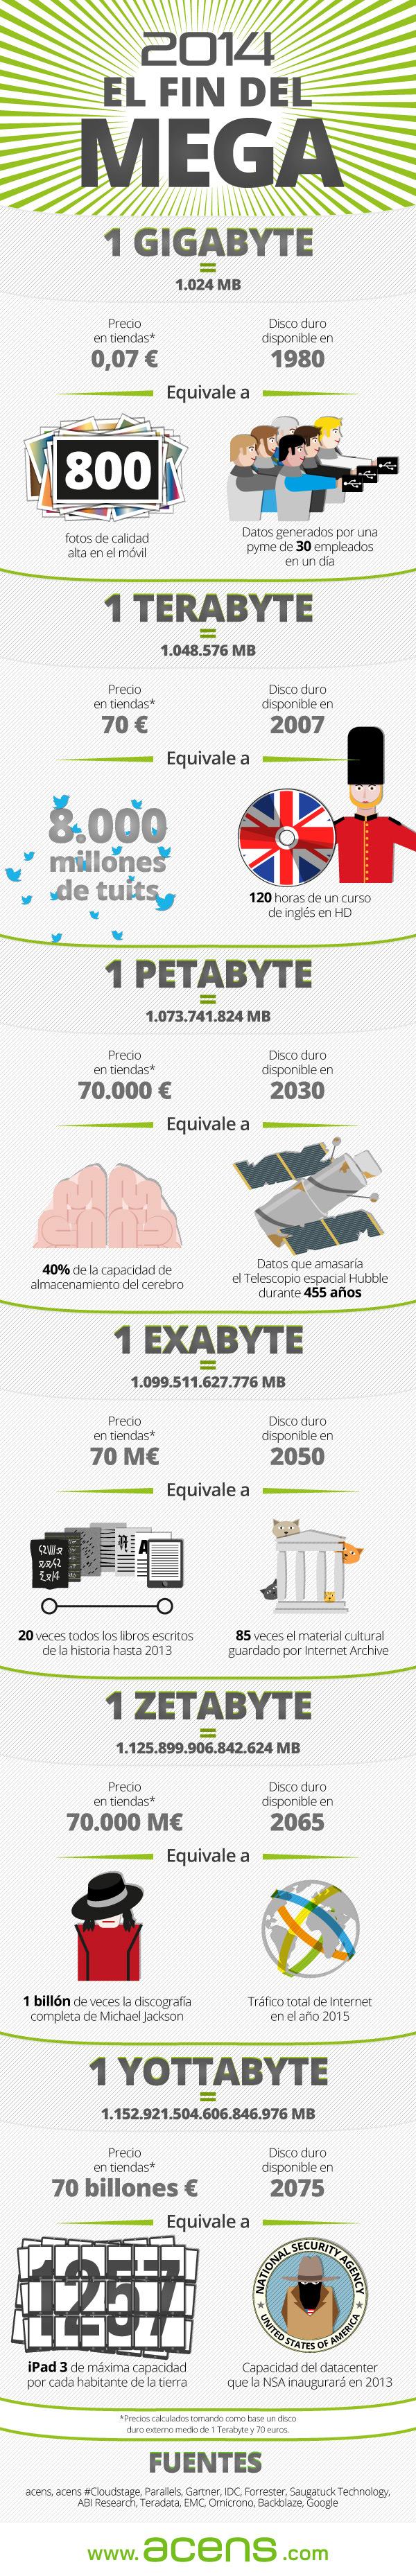 infografia-2014-el-fin-del-mega-blog-jesus-marrone